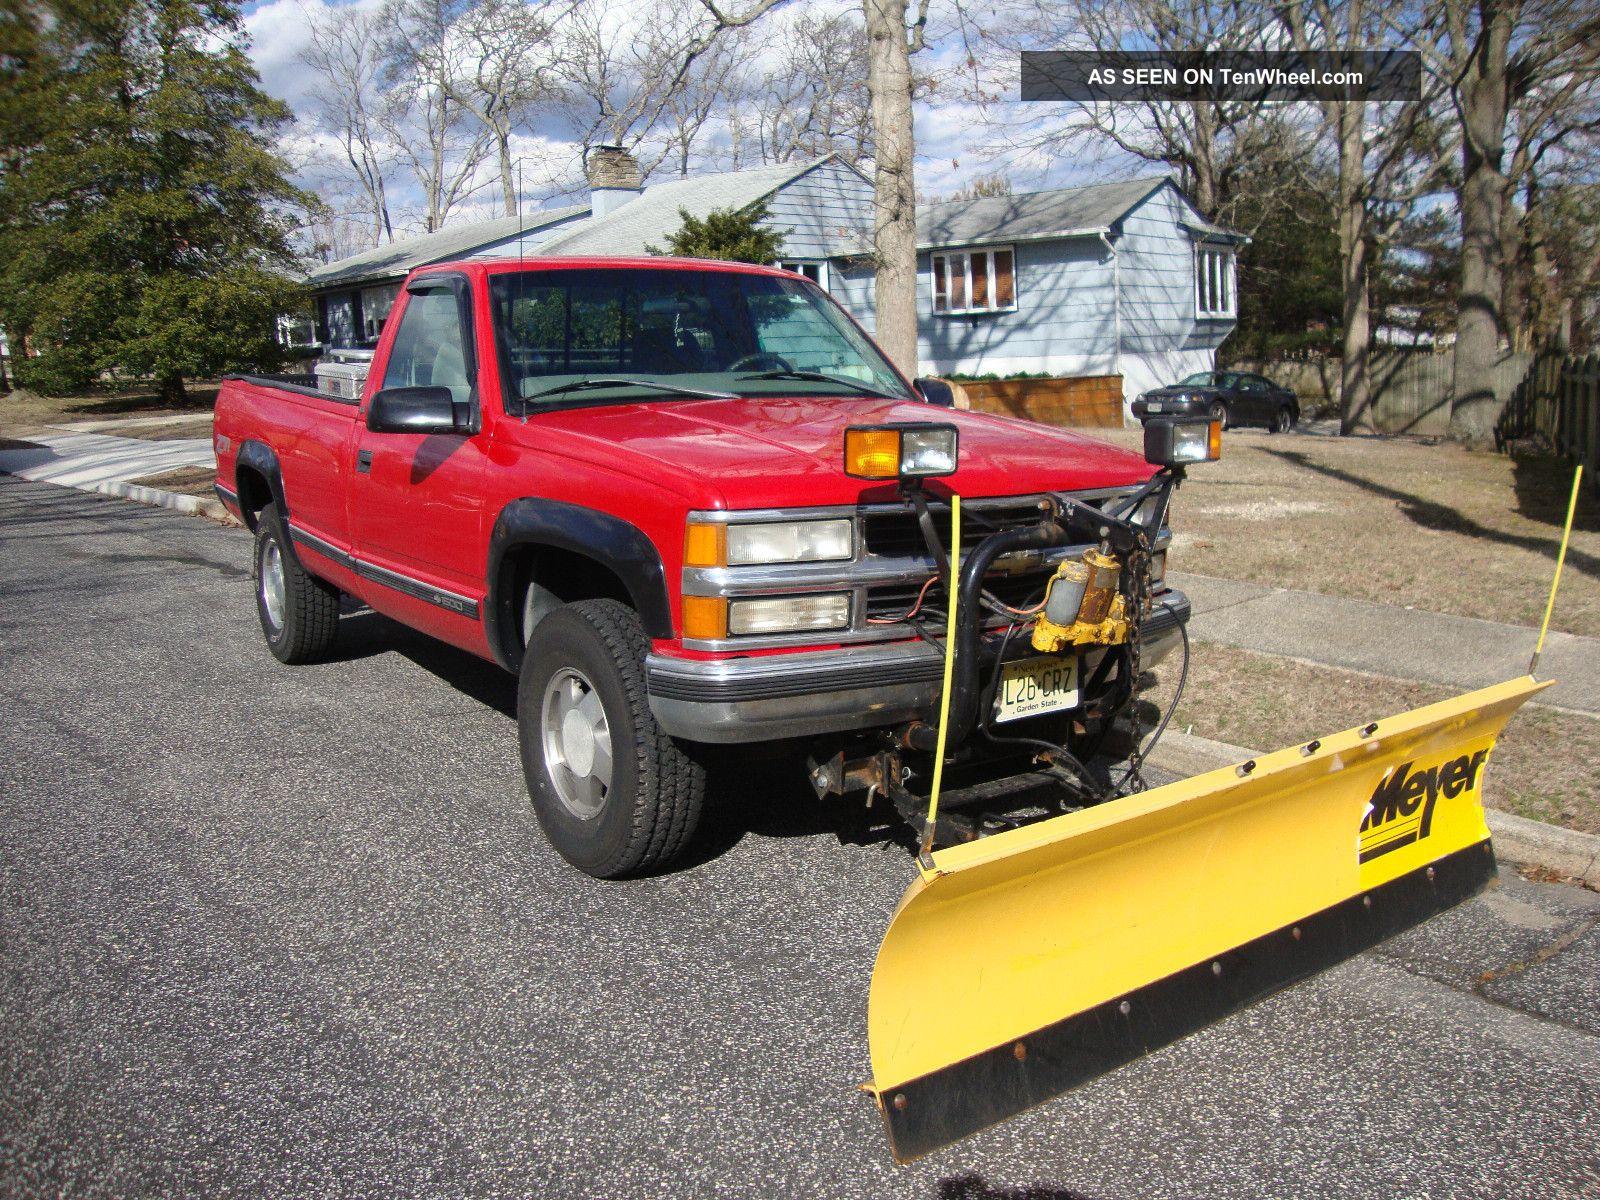 Plow Truck For Sale Deliciouscrepesbistro Com